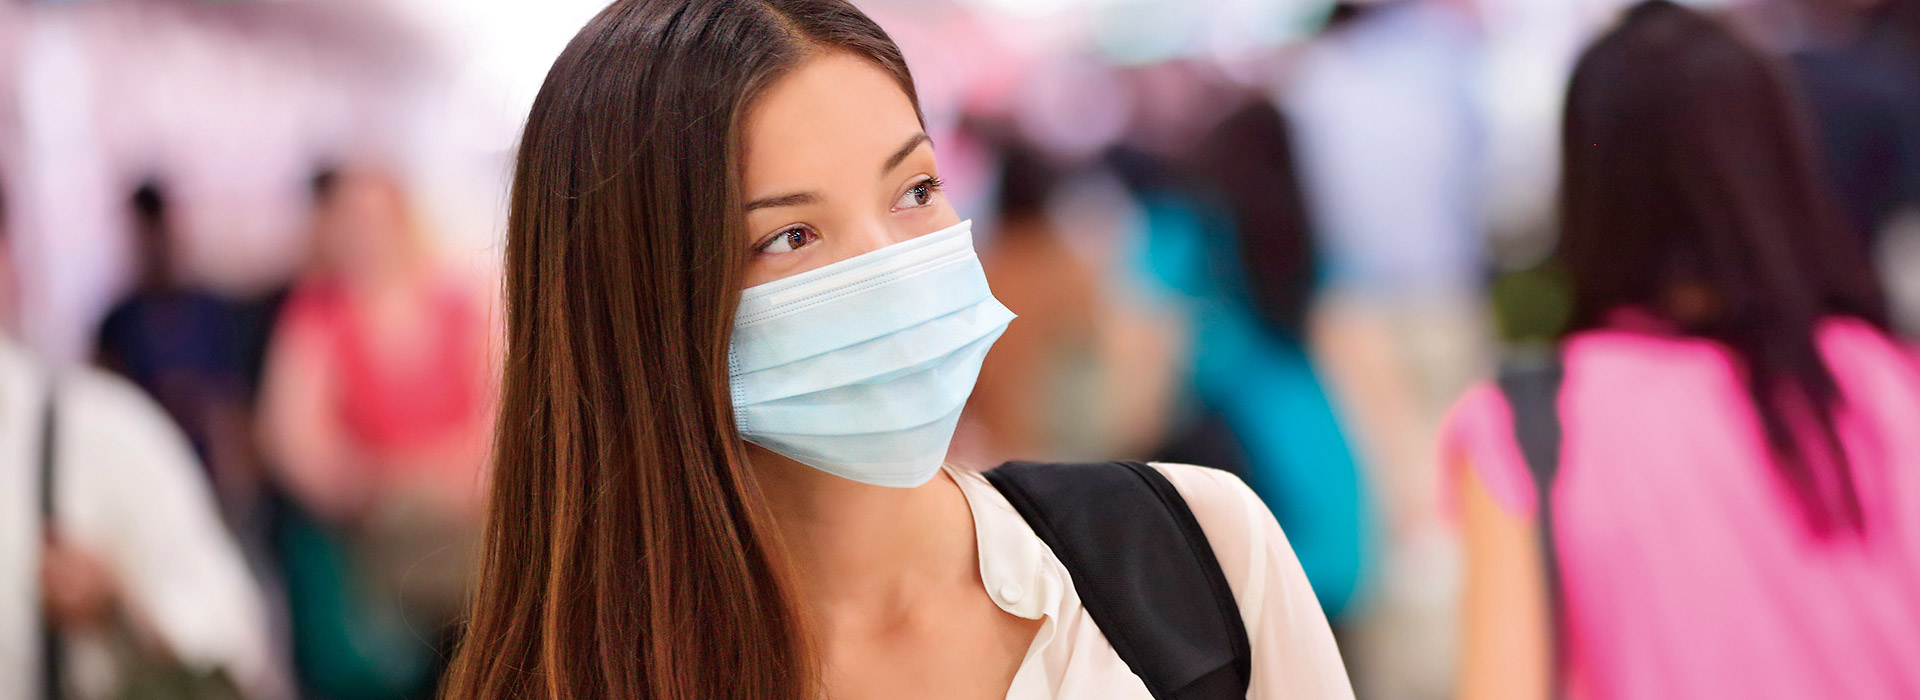 X疾病來襲如何自保?專家幫解惑